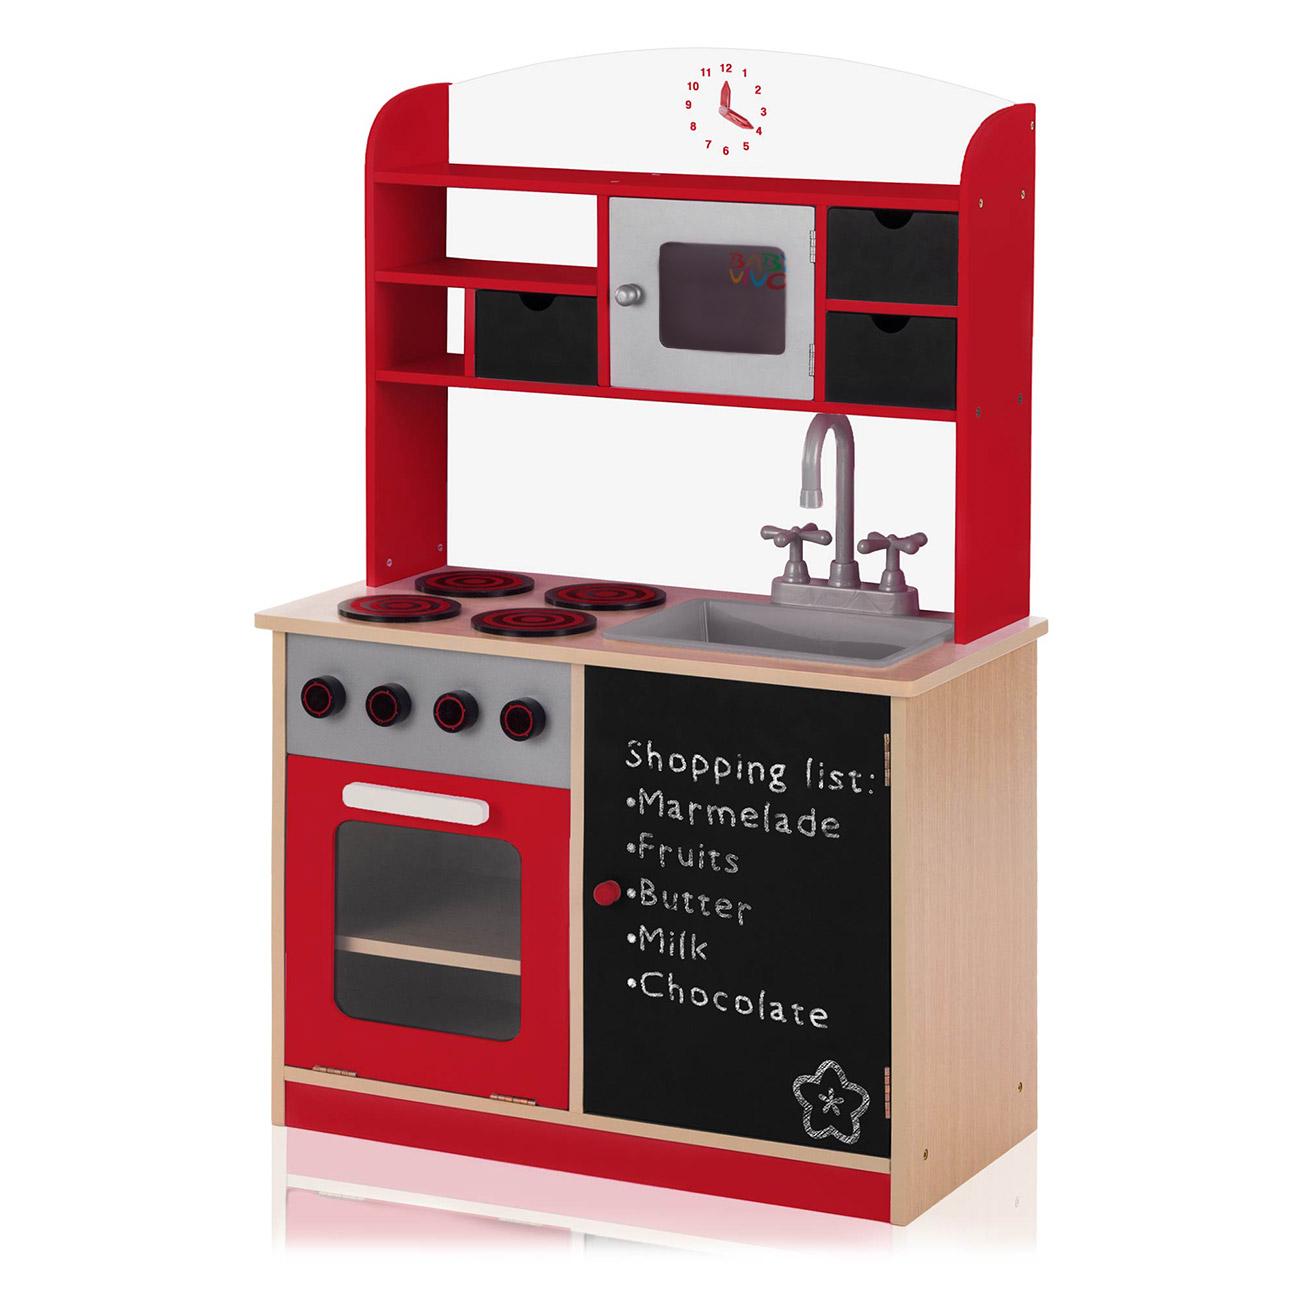 Full Size of Baby Vivo Kinderkche Spielkche Aus Holz Mit Tafel Mila In Rot Kinder Spielküche Wohnzimmer Spielküche